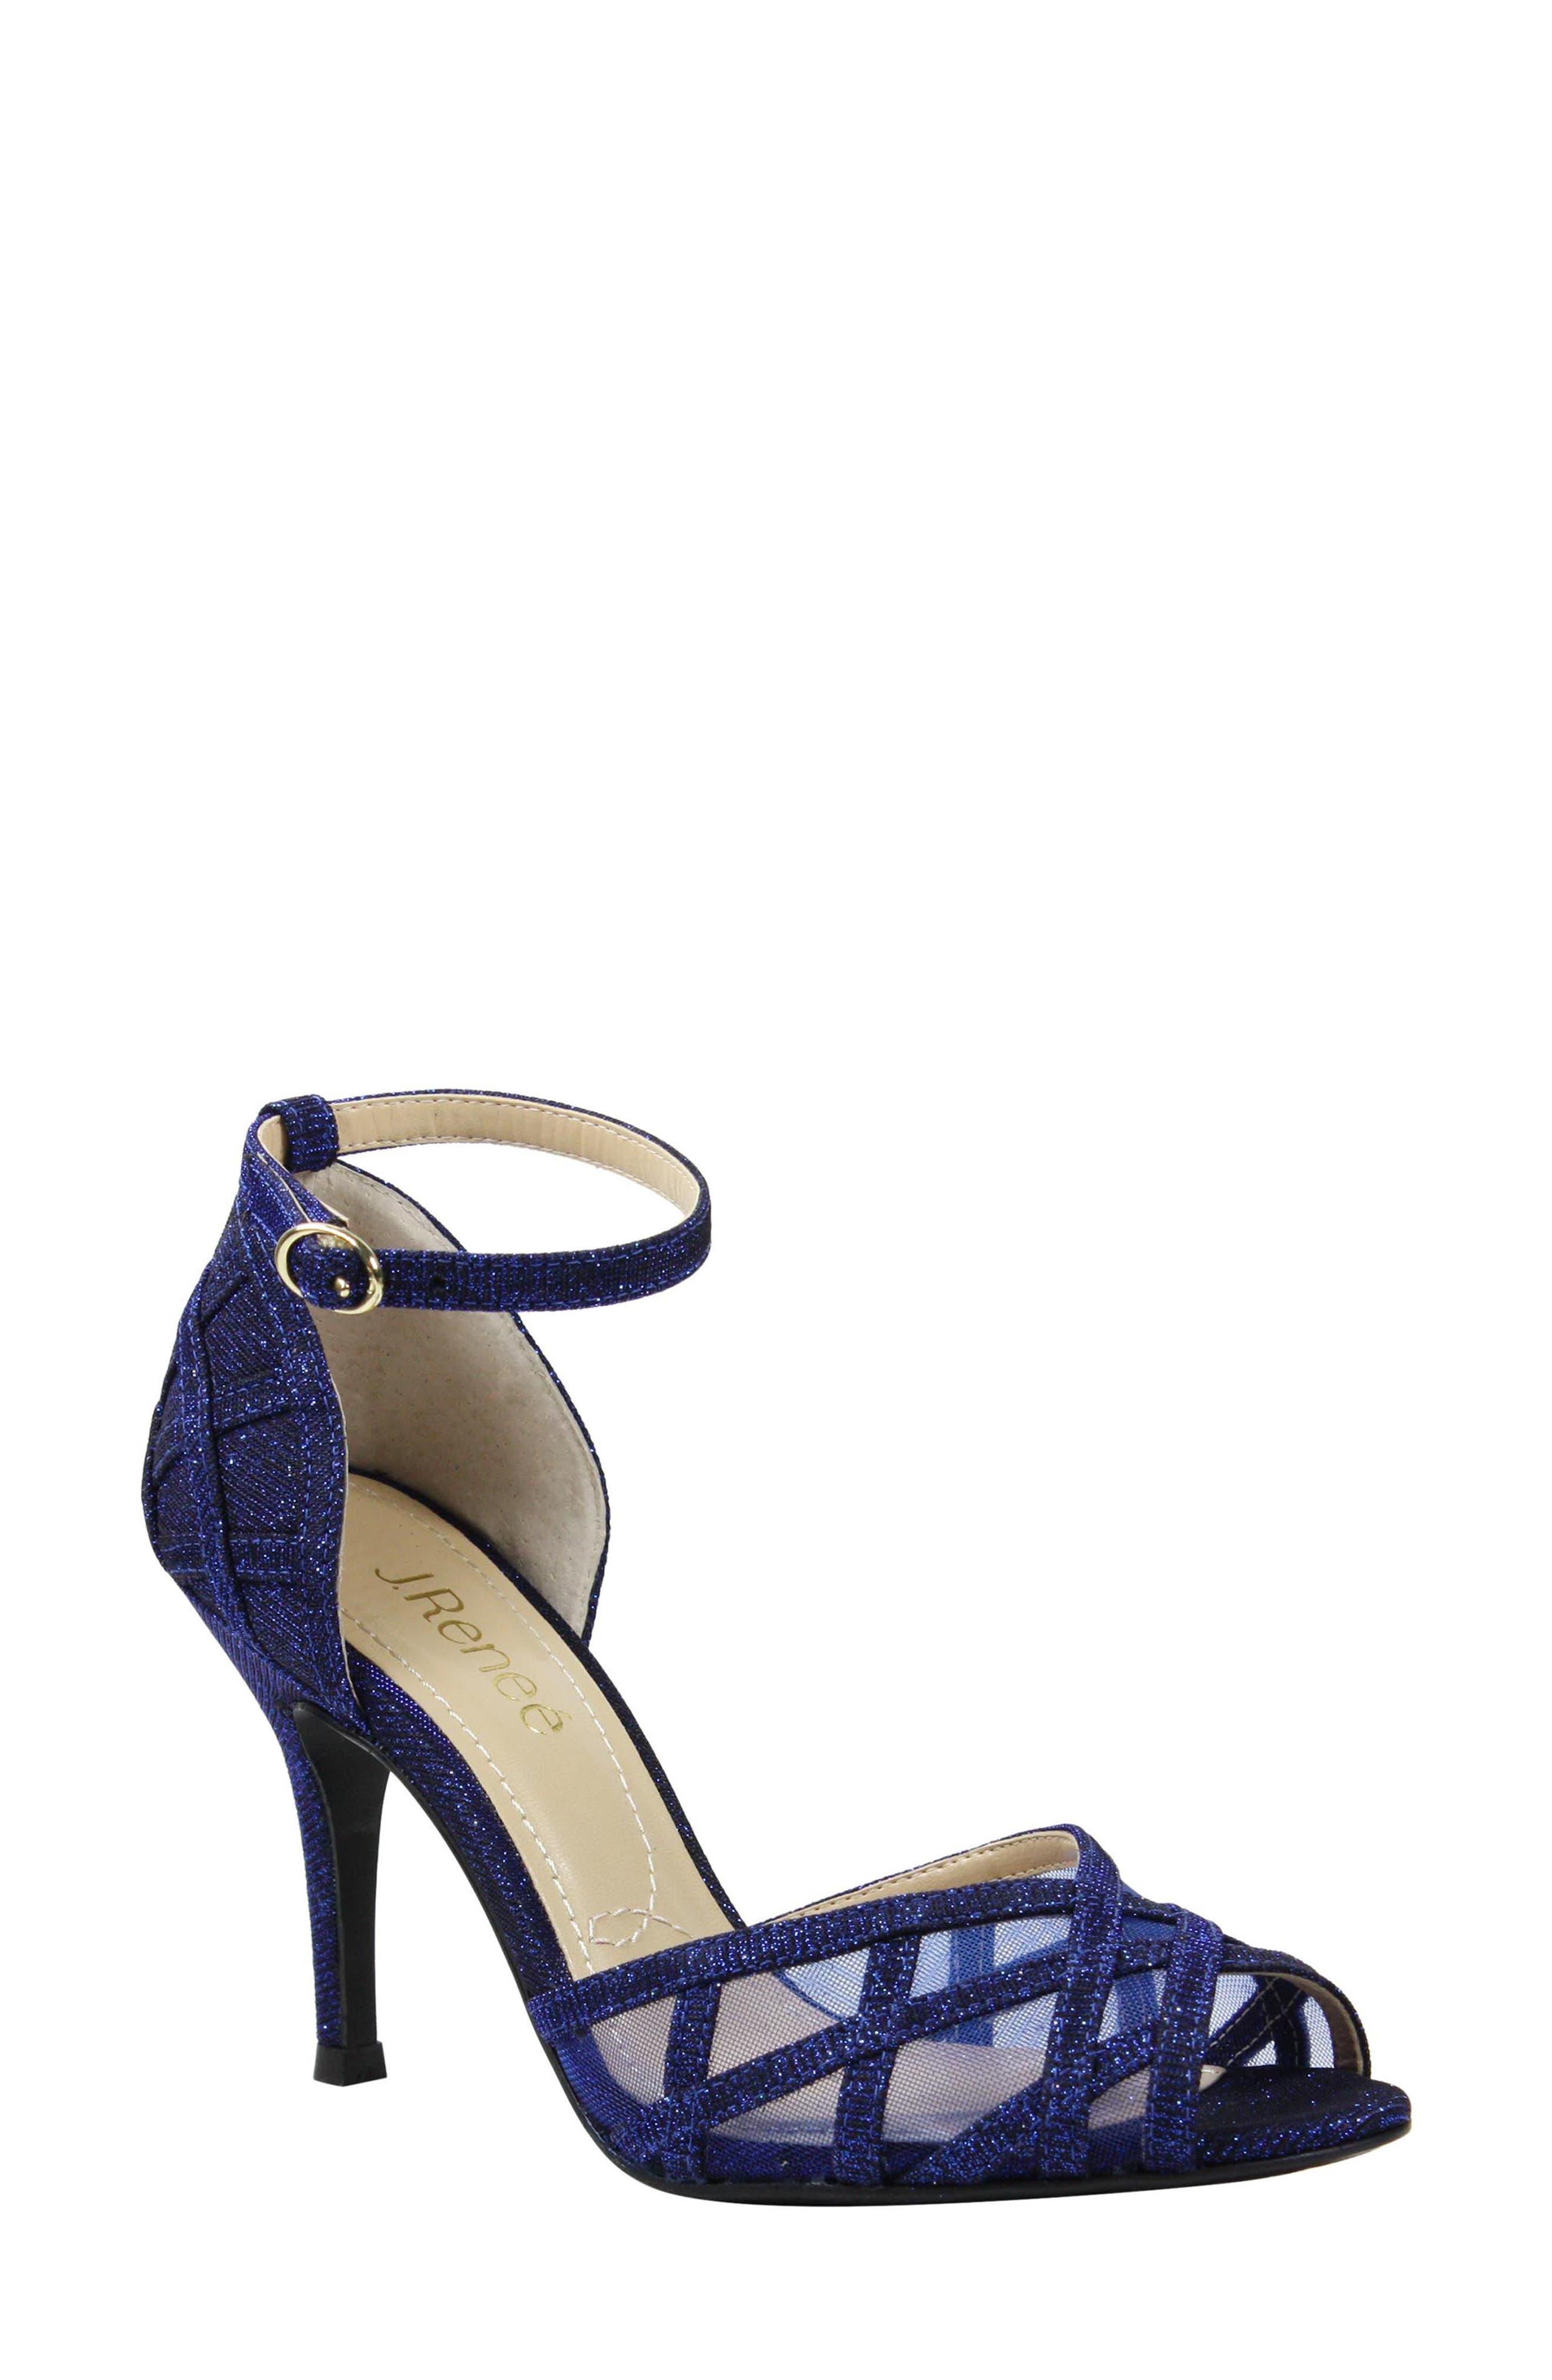 Main Image - J. Reneé Mataro Embellished Ankle Strap Pump (Women)